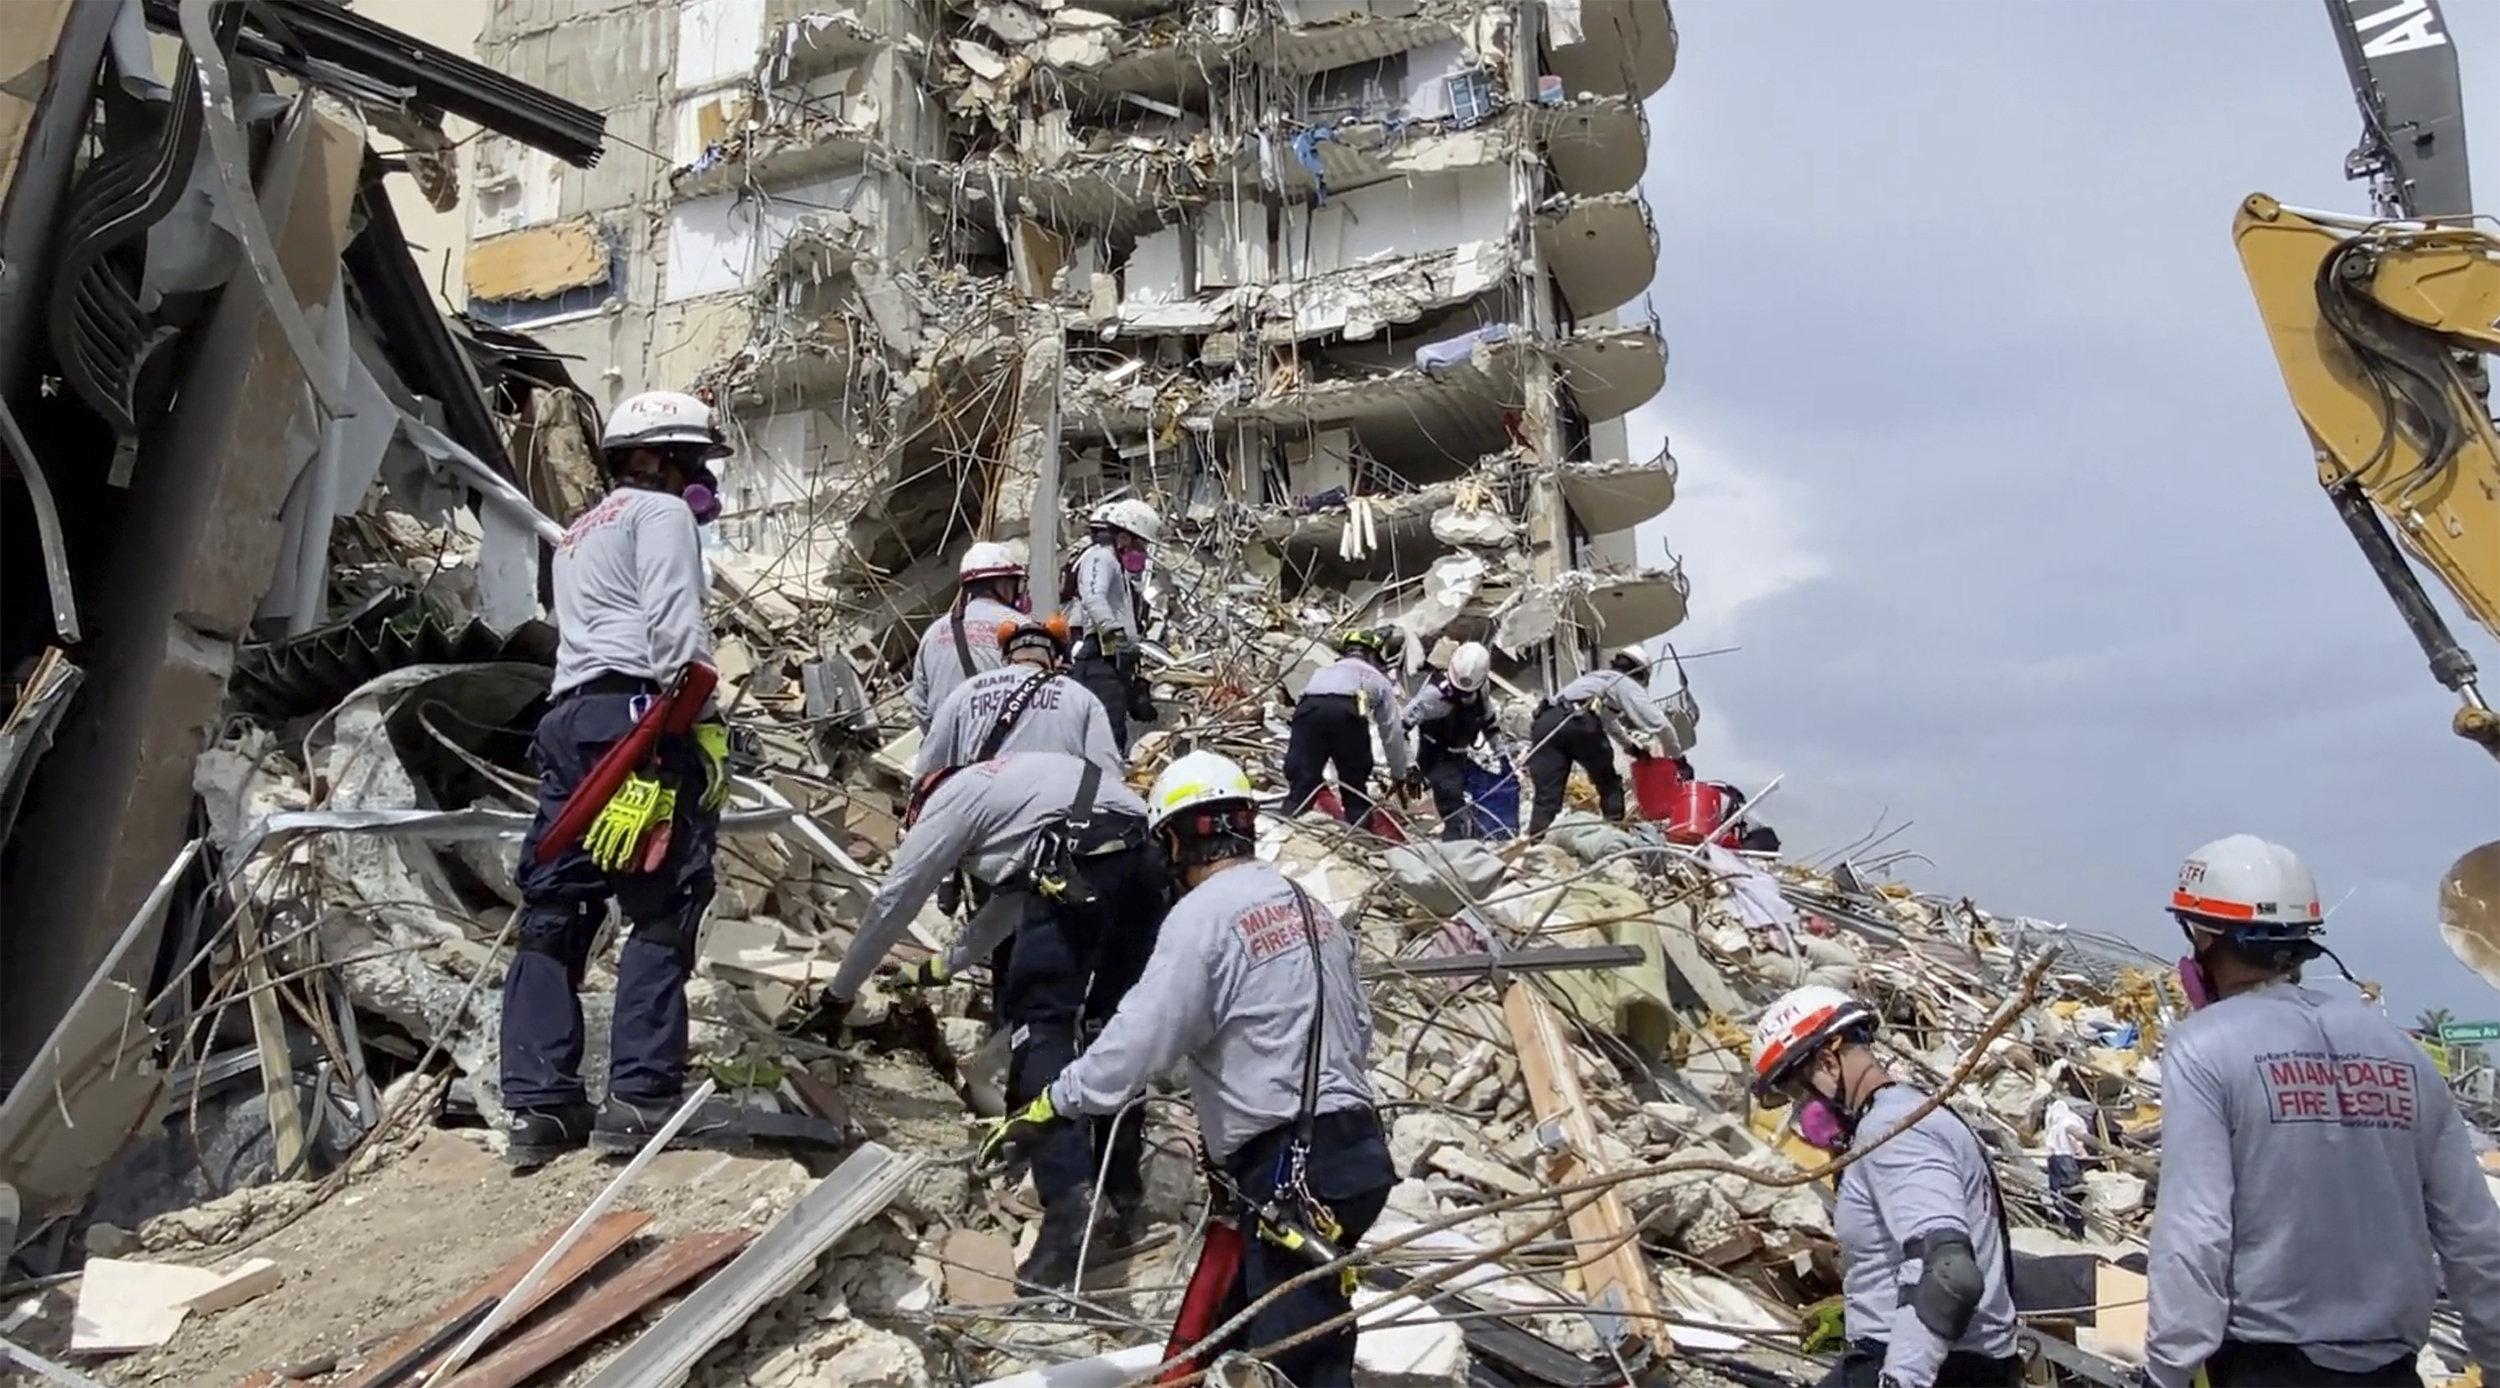 Lực lượng cứu hộ: Còn hy vọng cứu người sau 5 ngày sập tòa nhà ở Florida